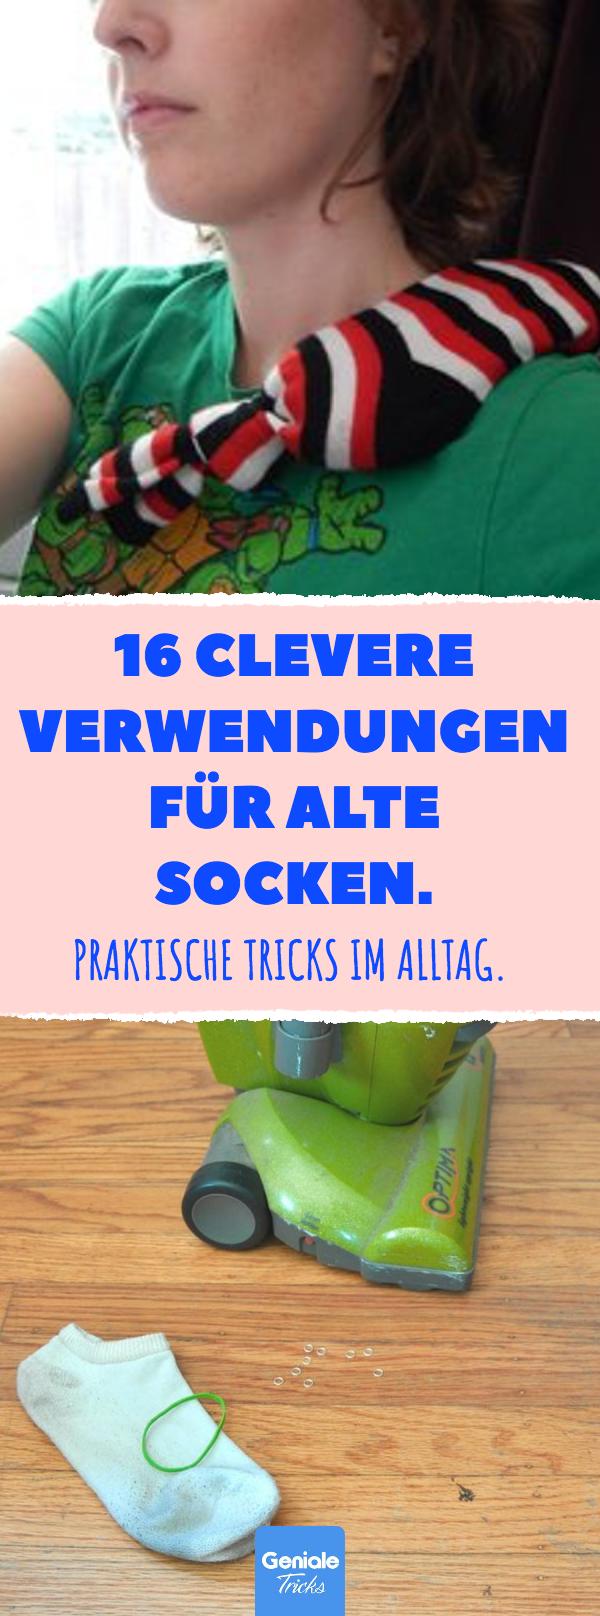 16 clevere Verwendungen für alte Socken.